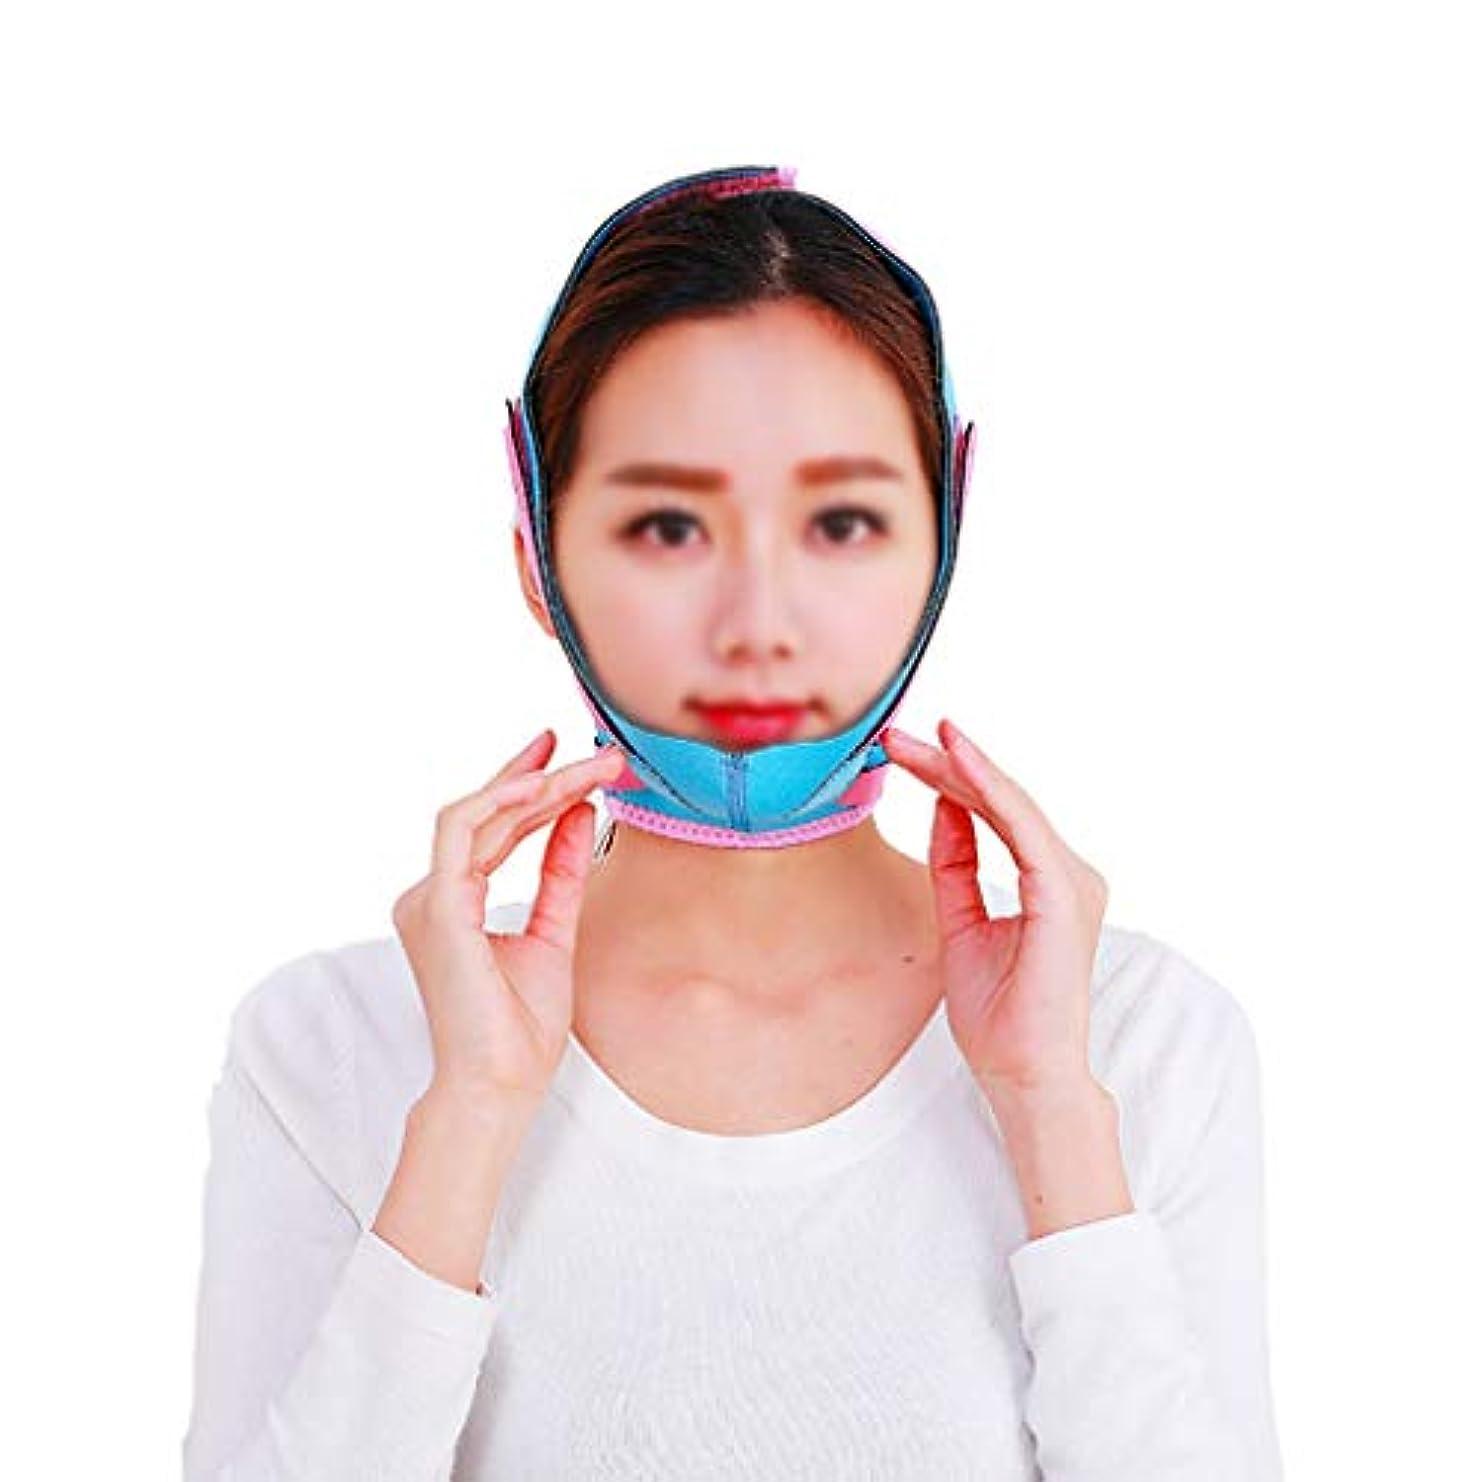 限定着実に航海XHLMRMJ フェイス&ネックリフト、男性と女性のフェイスリフトアーチファクトシュリンクマスクは、輪郭の浮き彫りドループマッスル引き締め肌の弾力性のあるVフェイス包帯を強化